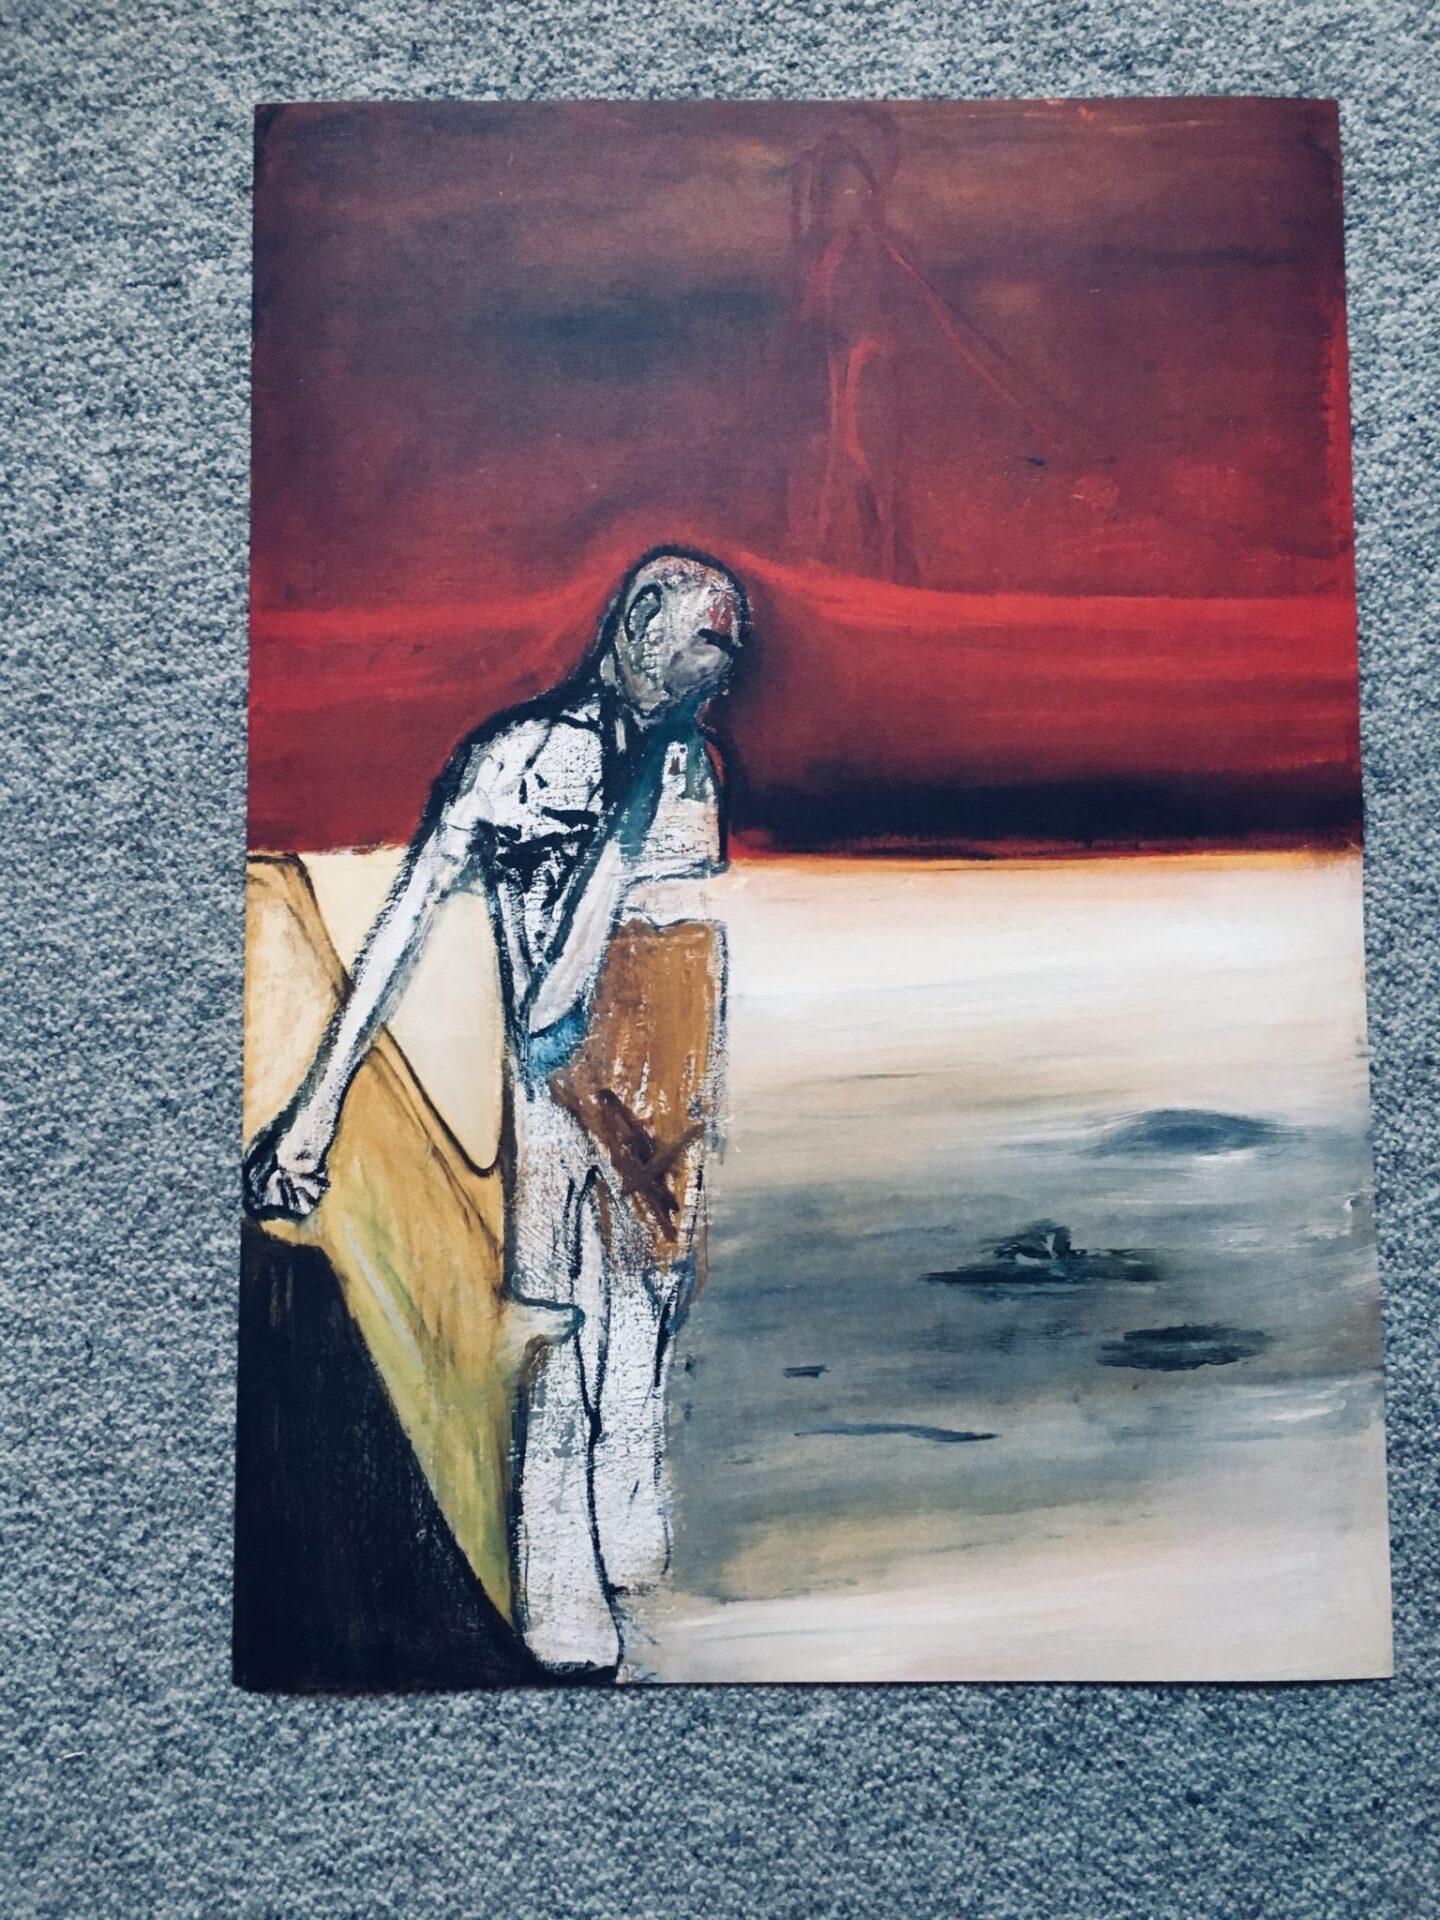 Peter Brandes, Kunsttryk på karton, pris 300 kr